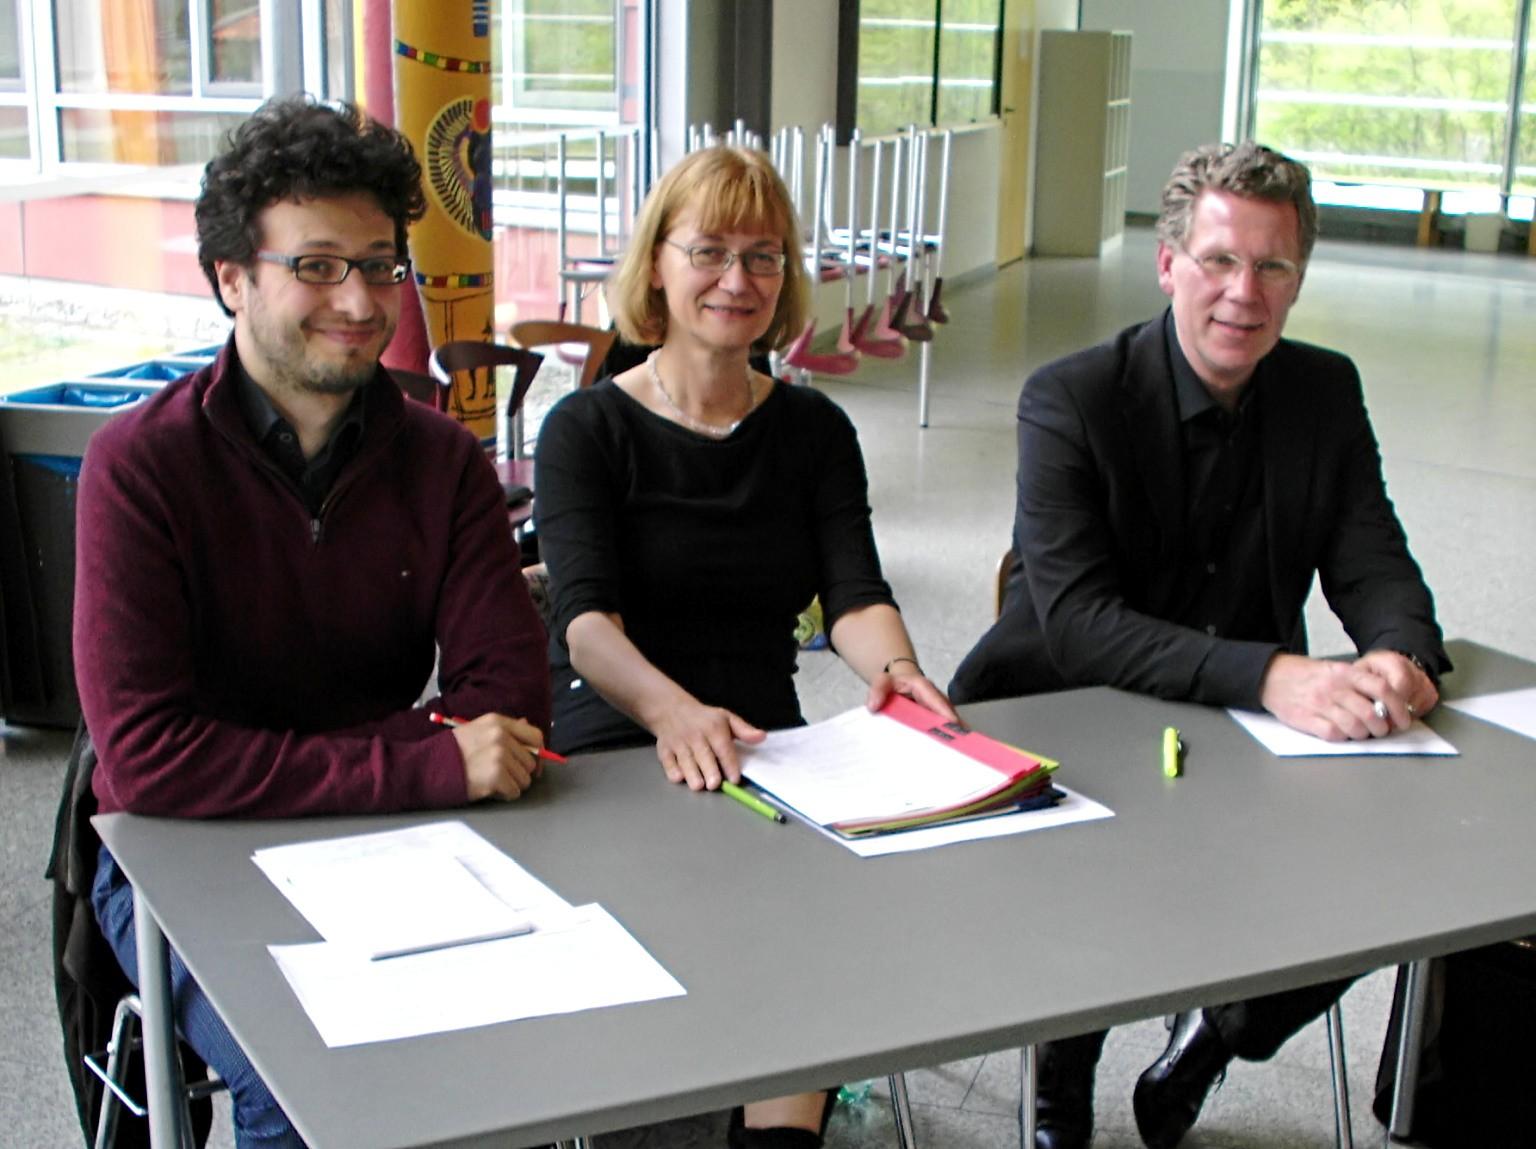 Die Jury  (von links): Matthias Leboucher, Dr. Elke Michel-Blagrave, Stefan Mohr